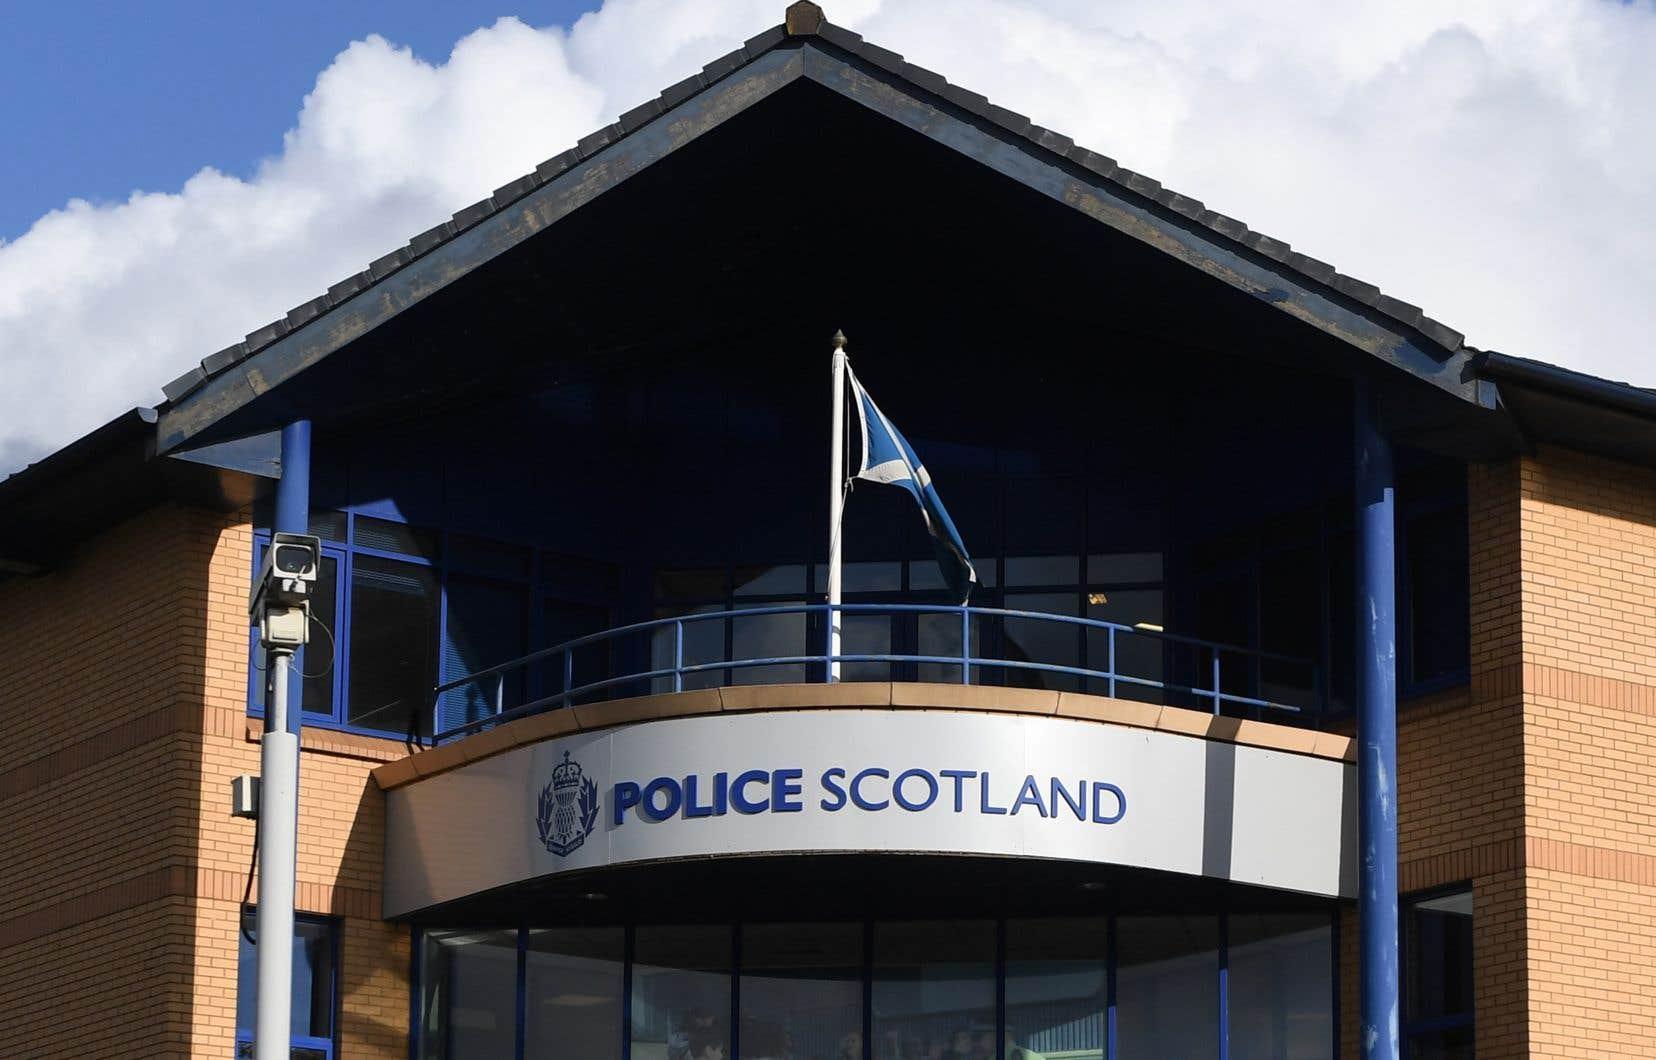 «À la suite des résultats de ces tests, il a été confirmé que l'homme arrêté n'est pas l'homme suspecté de crimes en France», a indiqué la police écossaise dans un communiqué,